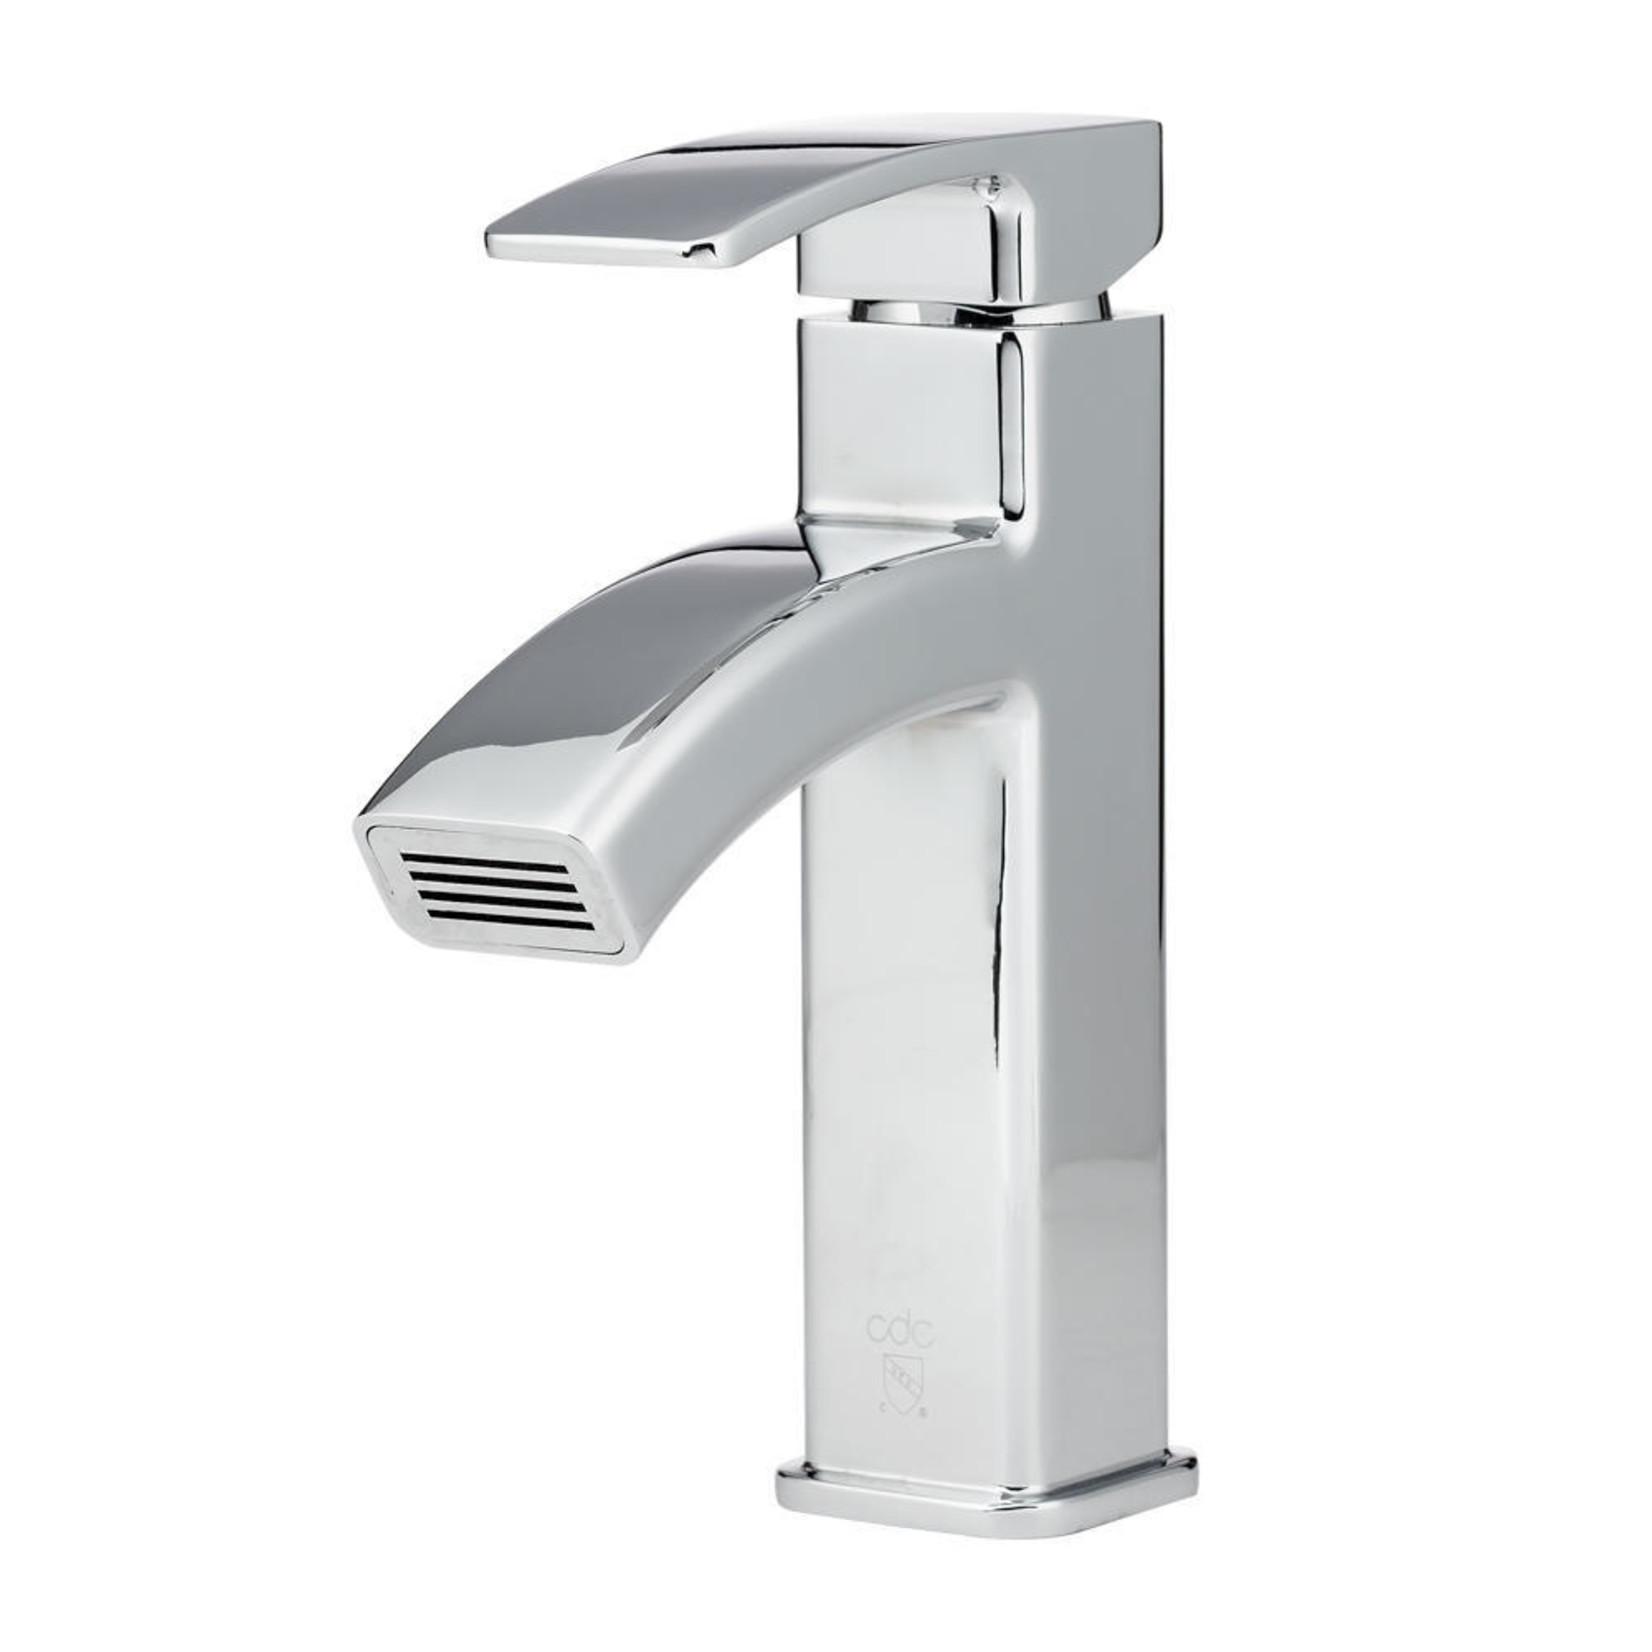 Robinet de lavabo   Chrome 77192